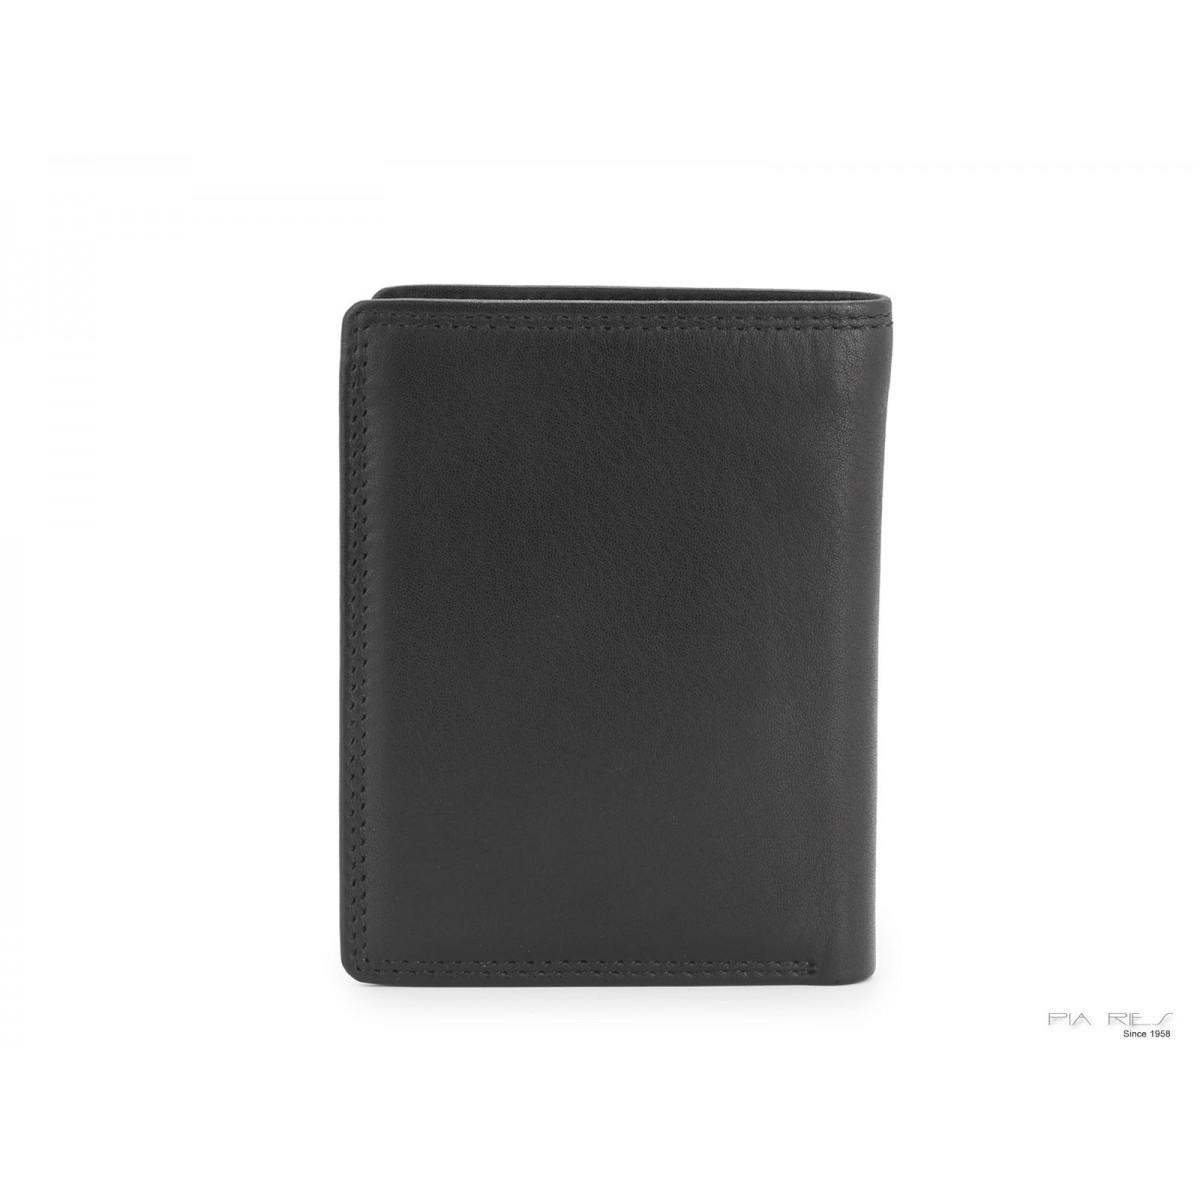 Herrepungtilsedlerogkort-33